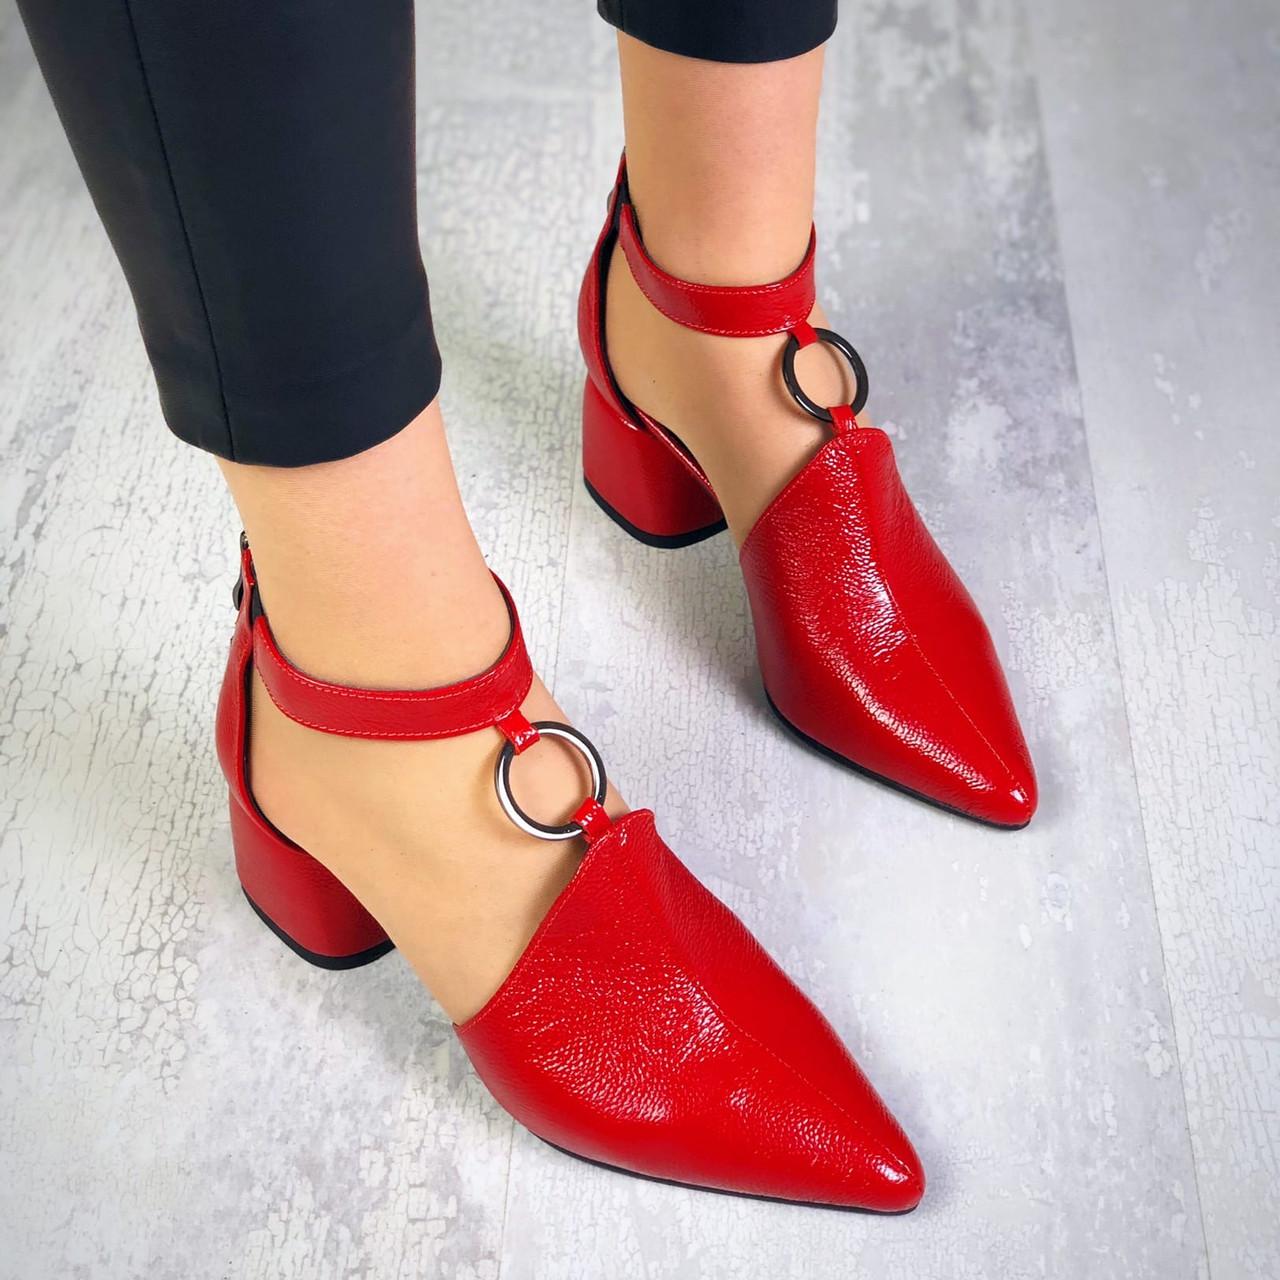 Шикарные кожаные туфли на каблучке 36-40 р красный